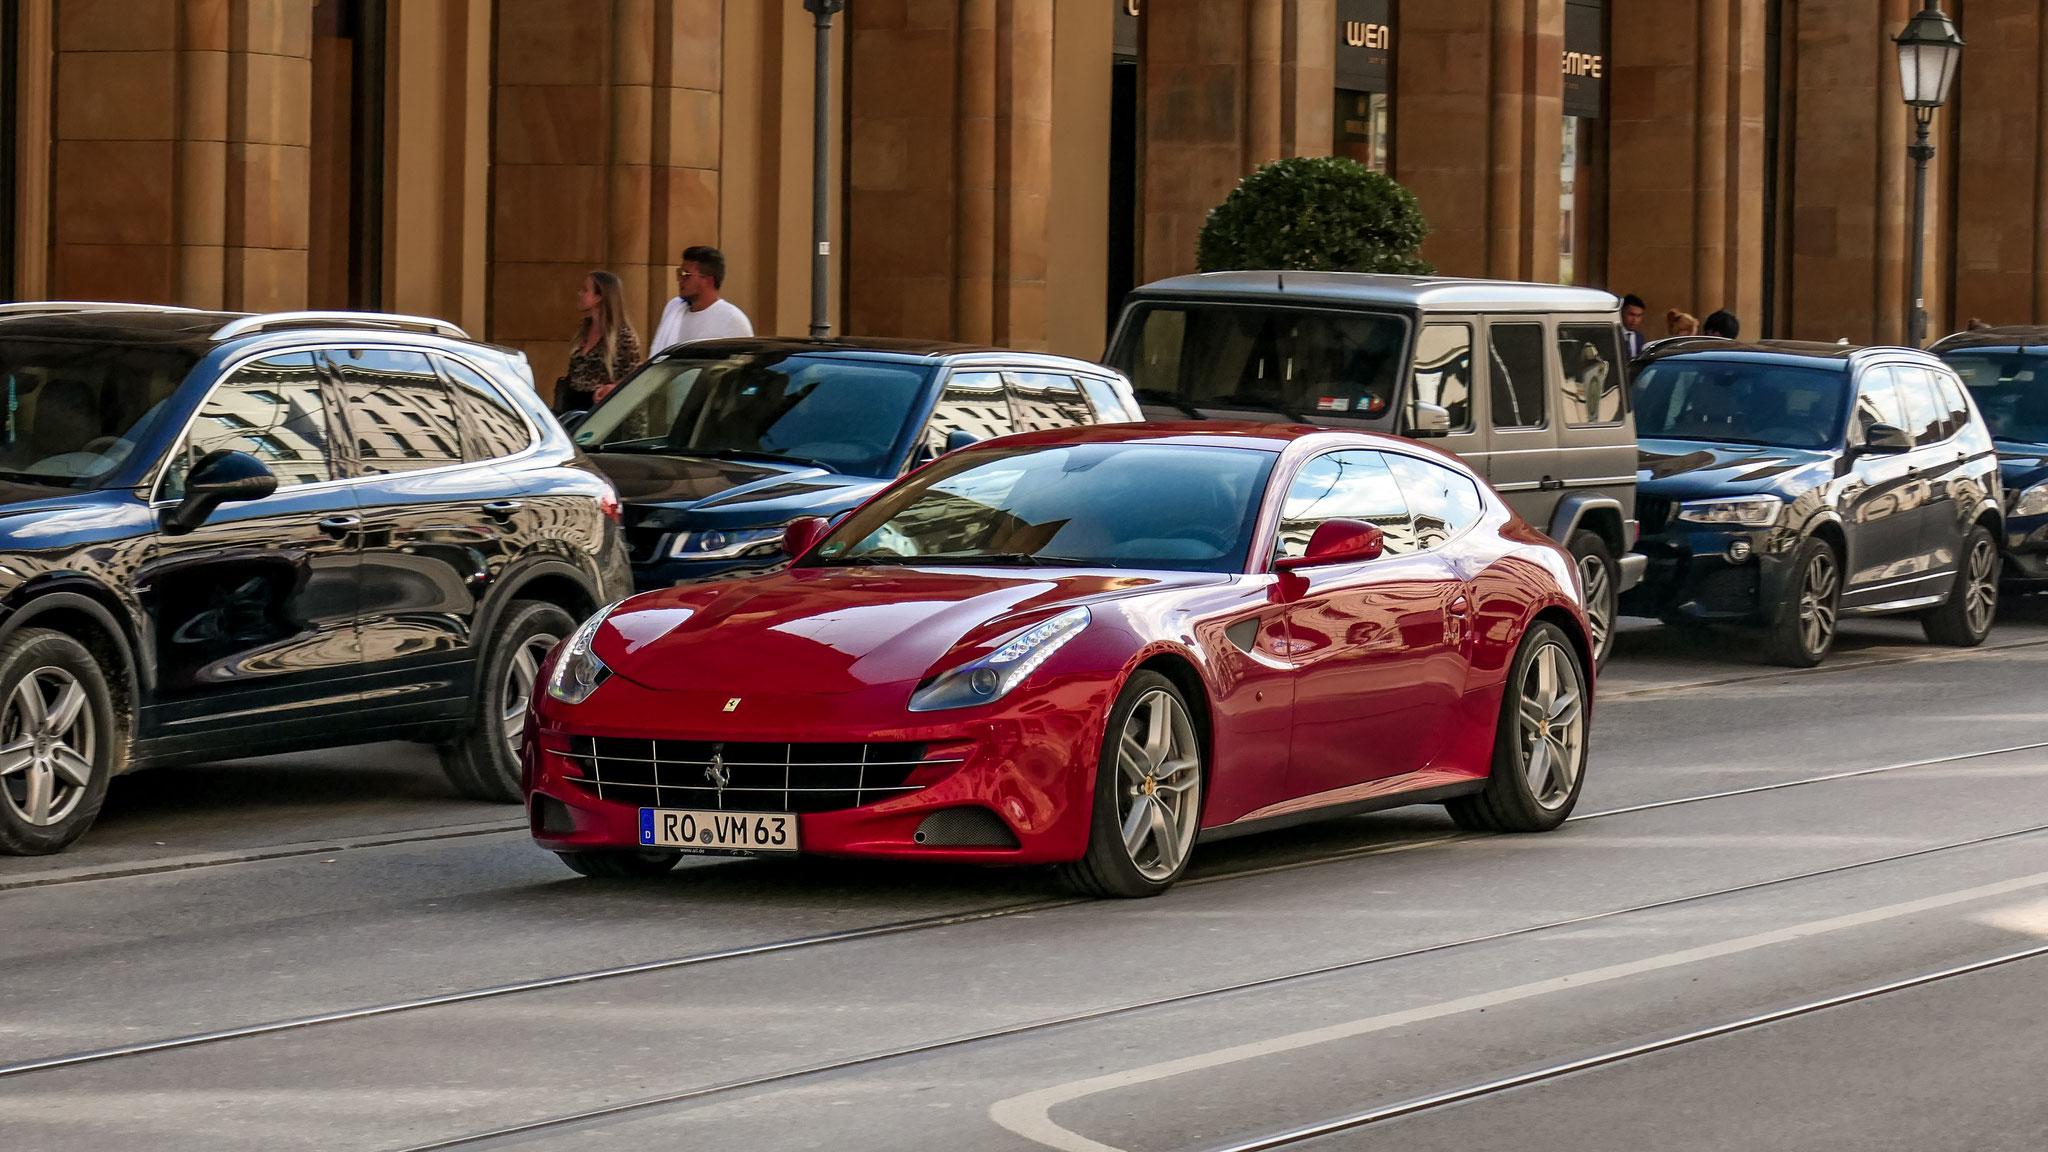 Ferrari FF - RO-VM-63